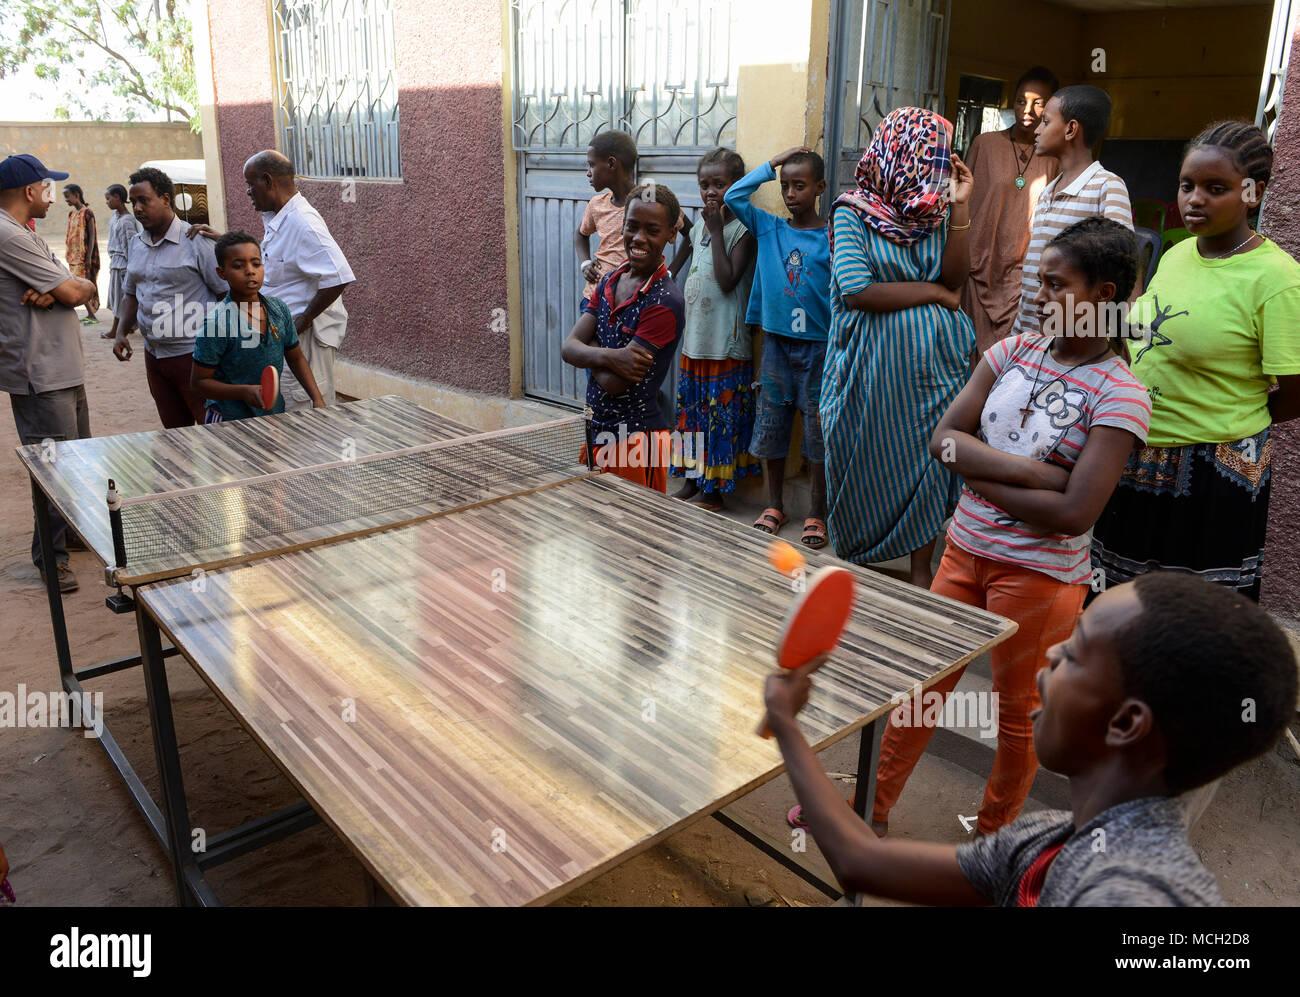 L'ÉTHIOPIE , Dire Dawa, les enfants jouer au tennis de table / AETHIOPIEN, Dire Dawa, Kinder spielen Tischtennis Photo Stock